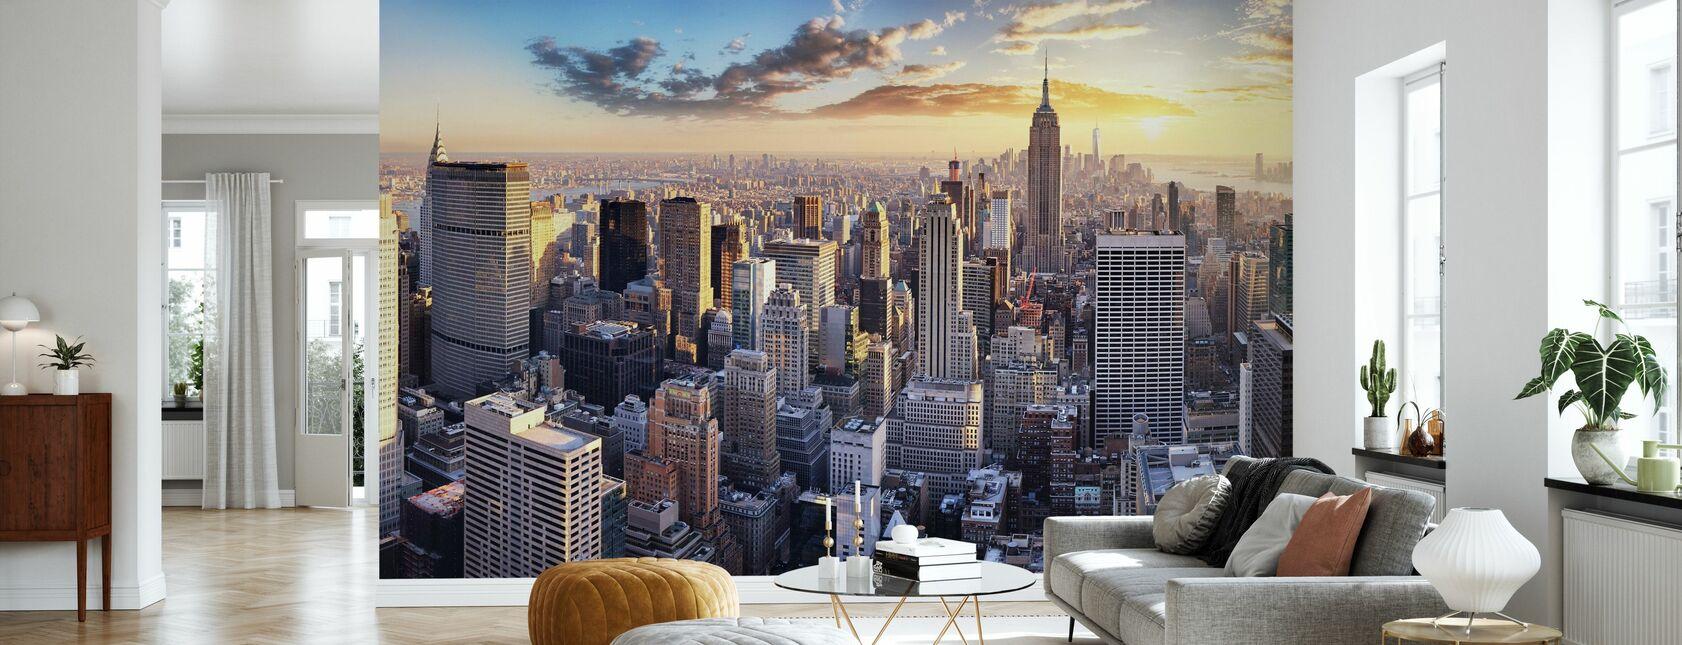 New York Skyline - Tapete - Wohnzimmer